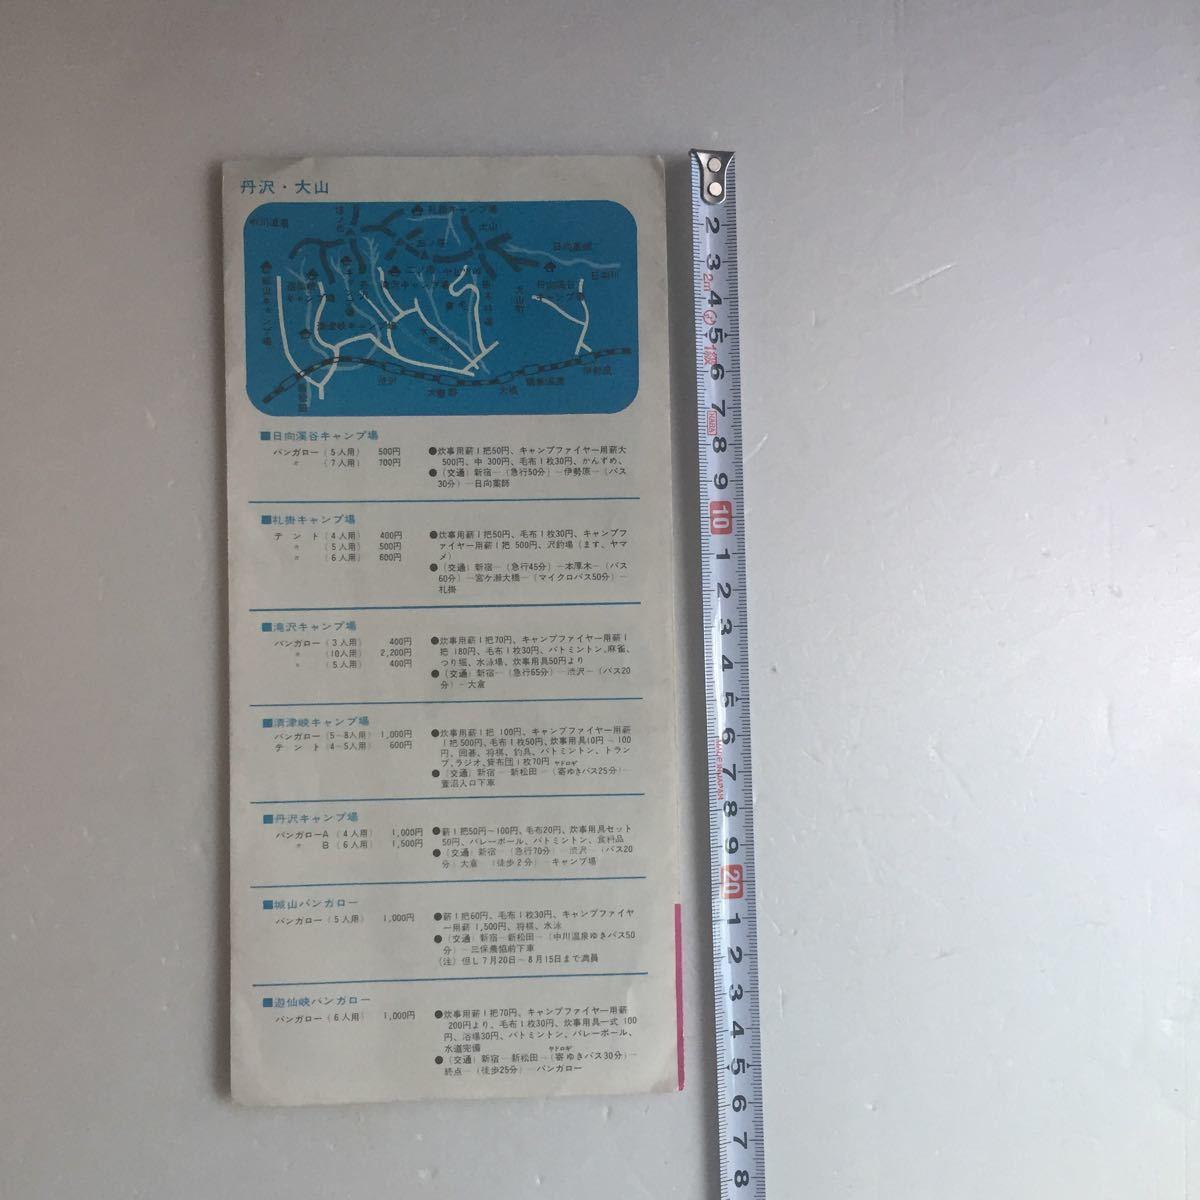 昭和レトロ 小田急キャンプ バンガロー 案内パンフレット 地図 料金表 当時物資料 アンティーク印刷物_画像5